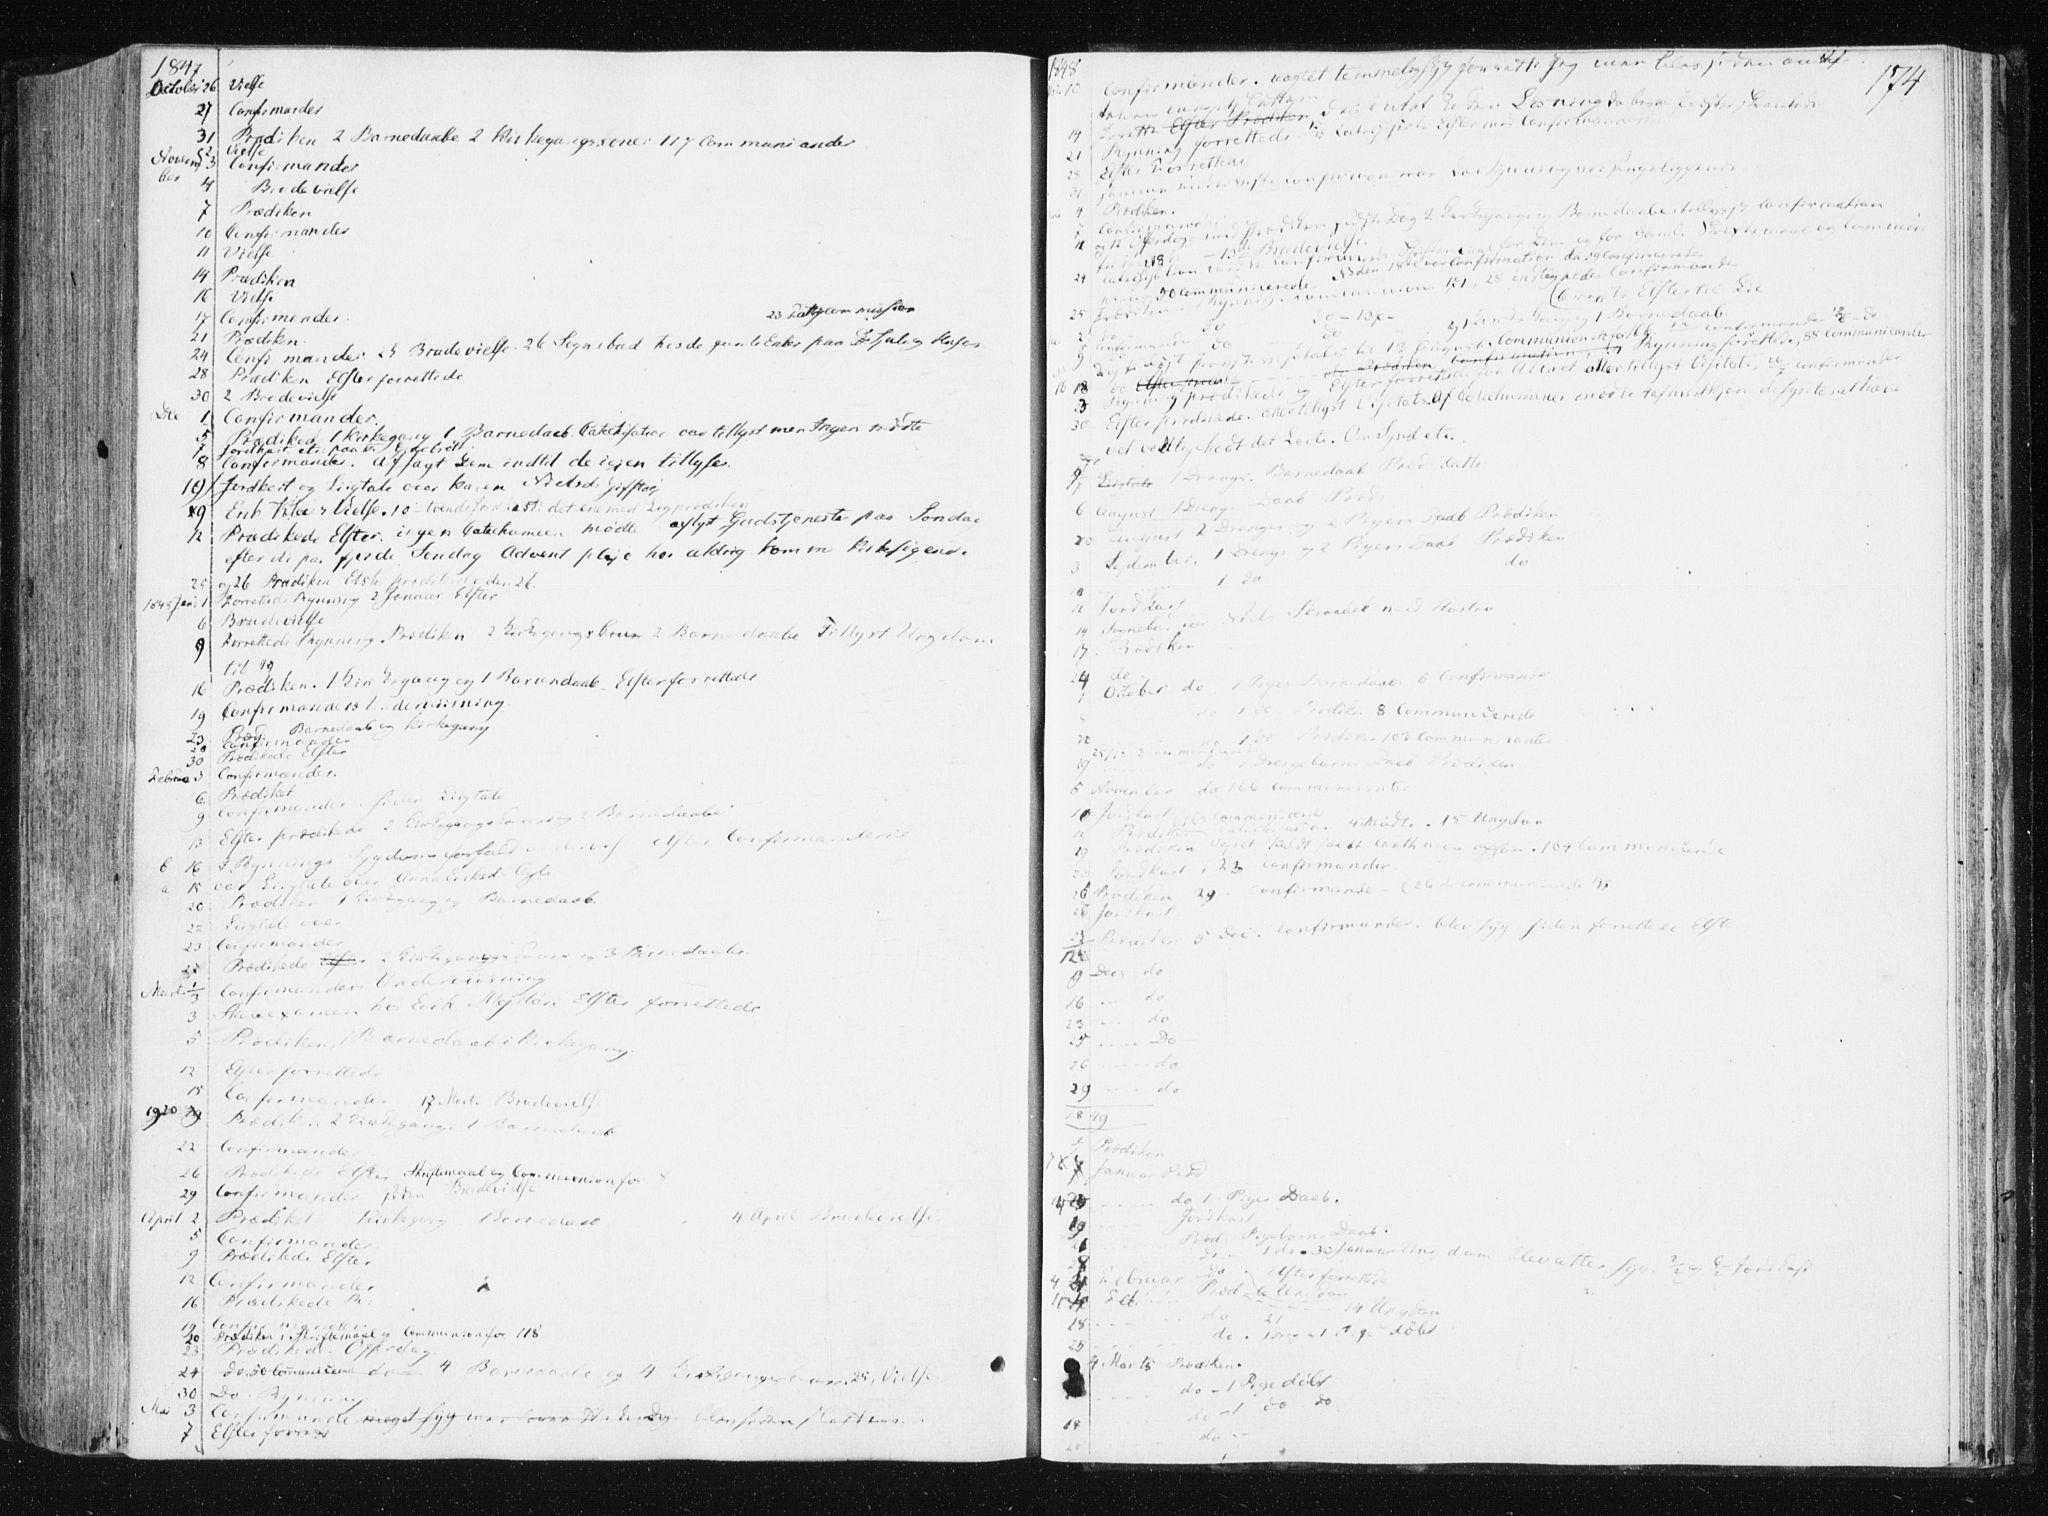 SAT, Ministerialprotokoller, klokkerbøker og fødselsregistre - Nord-Trøndelag, 749/L0470: Ministerialbok nr. 749A04, 1834-1853, s. 174